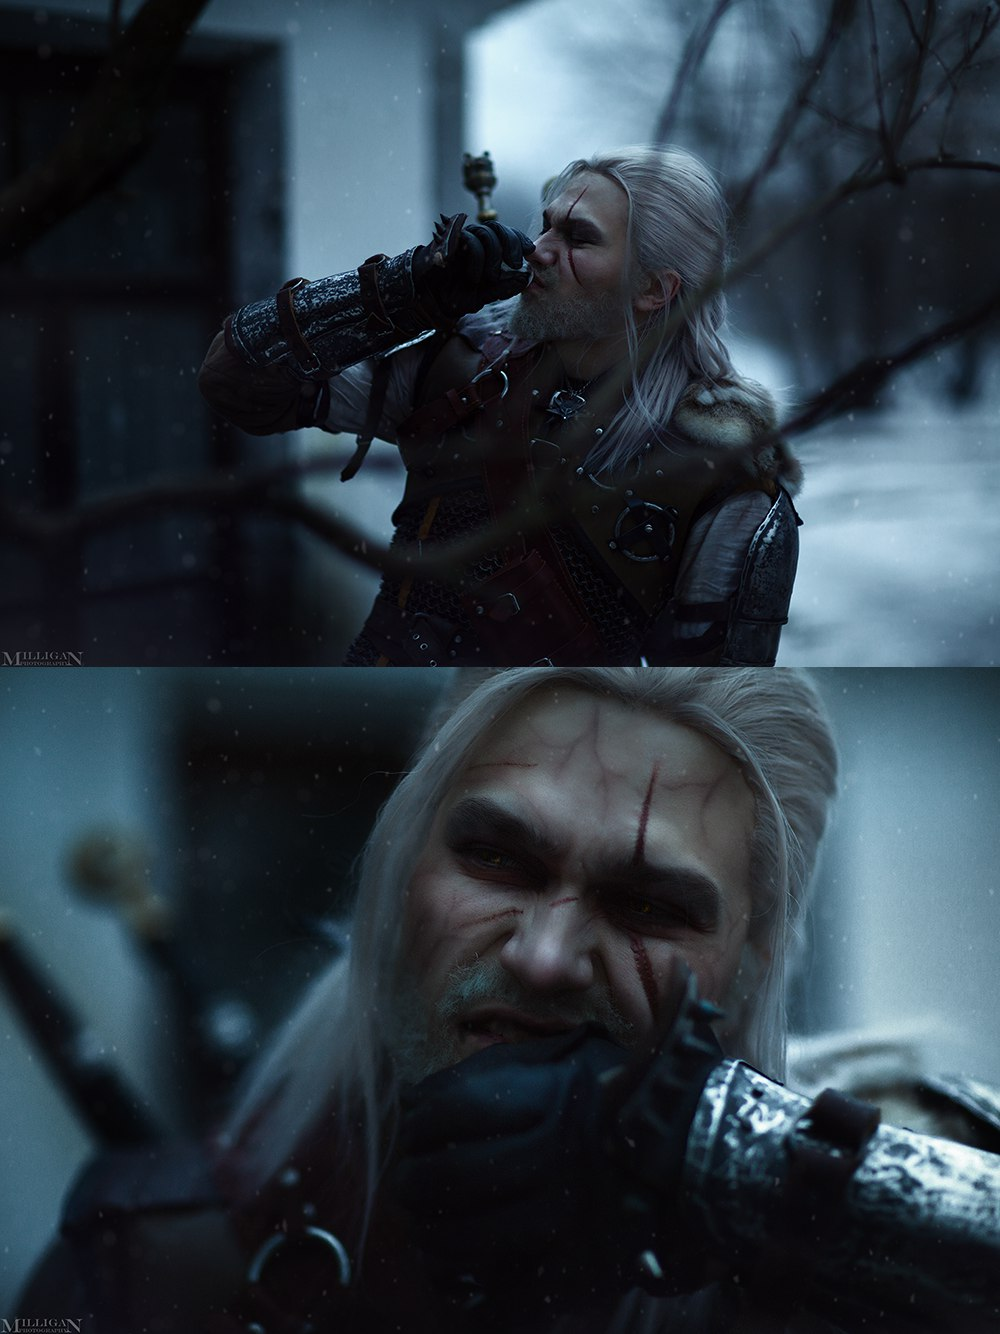 Геральт ибрукса вновом чудесном косплее по«Ведьмаку». - Изображение 7